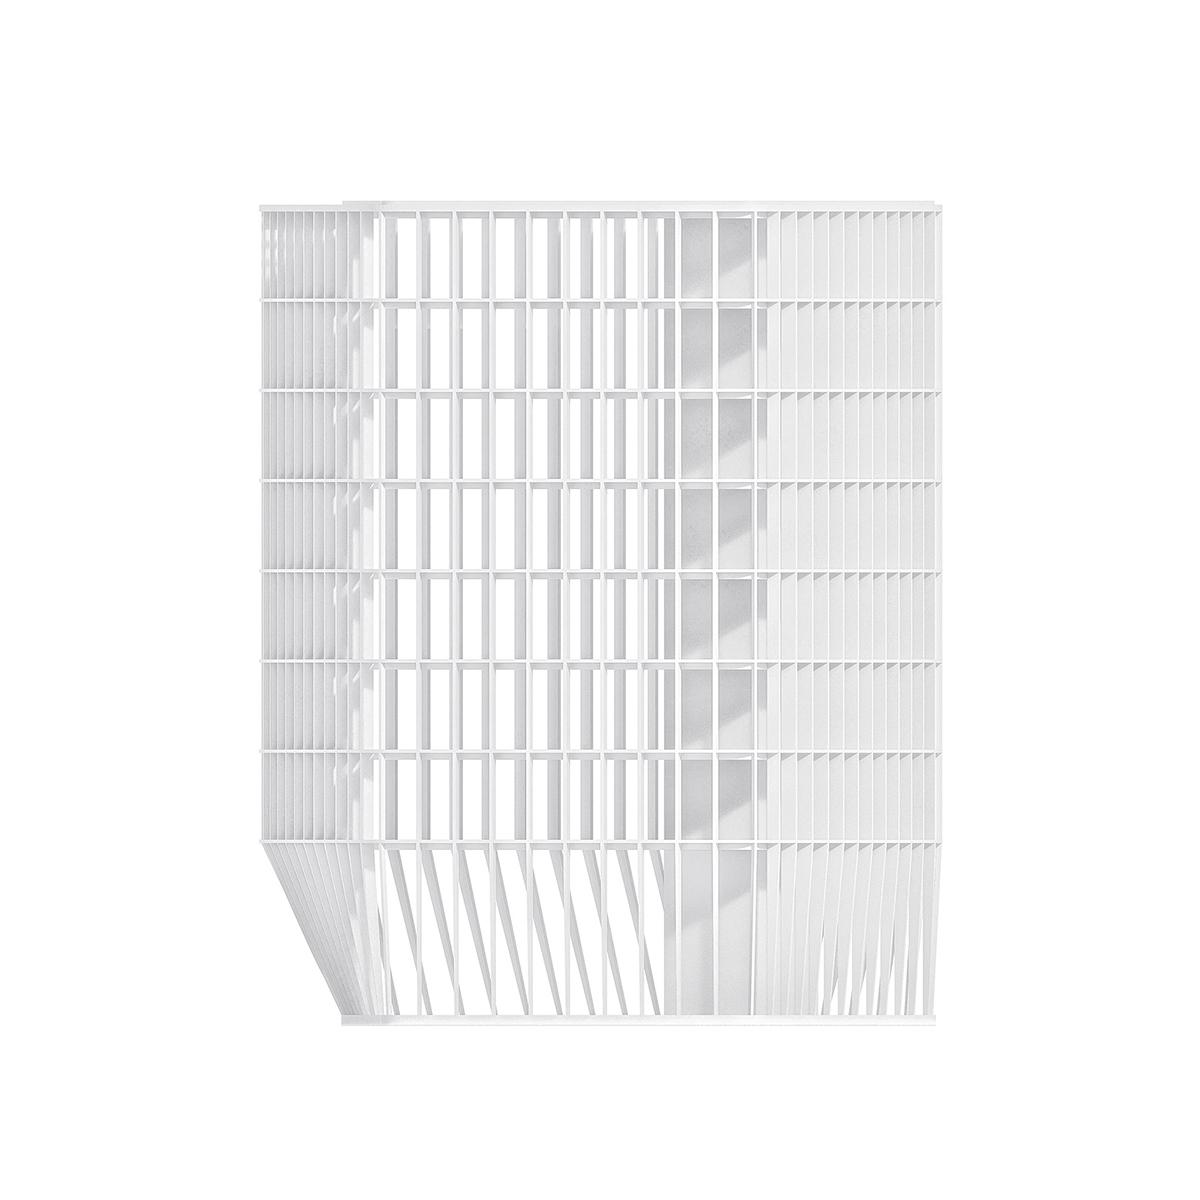 PDF_deep-facade_01.jpg